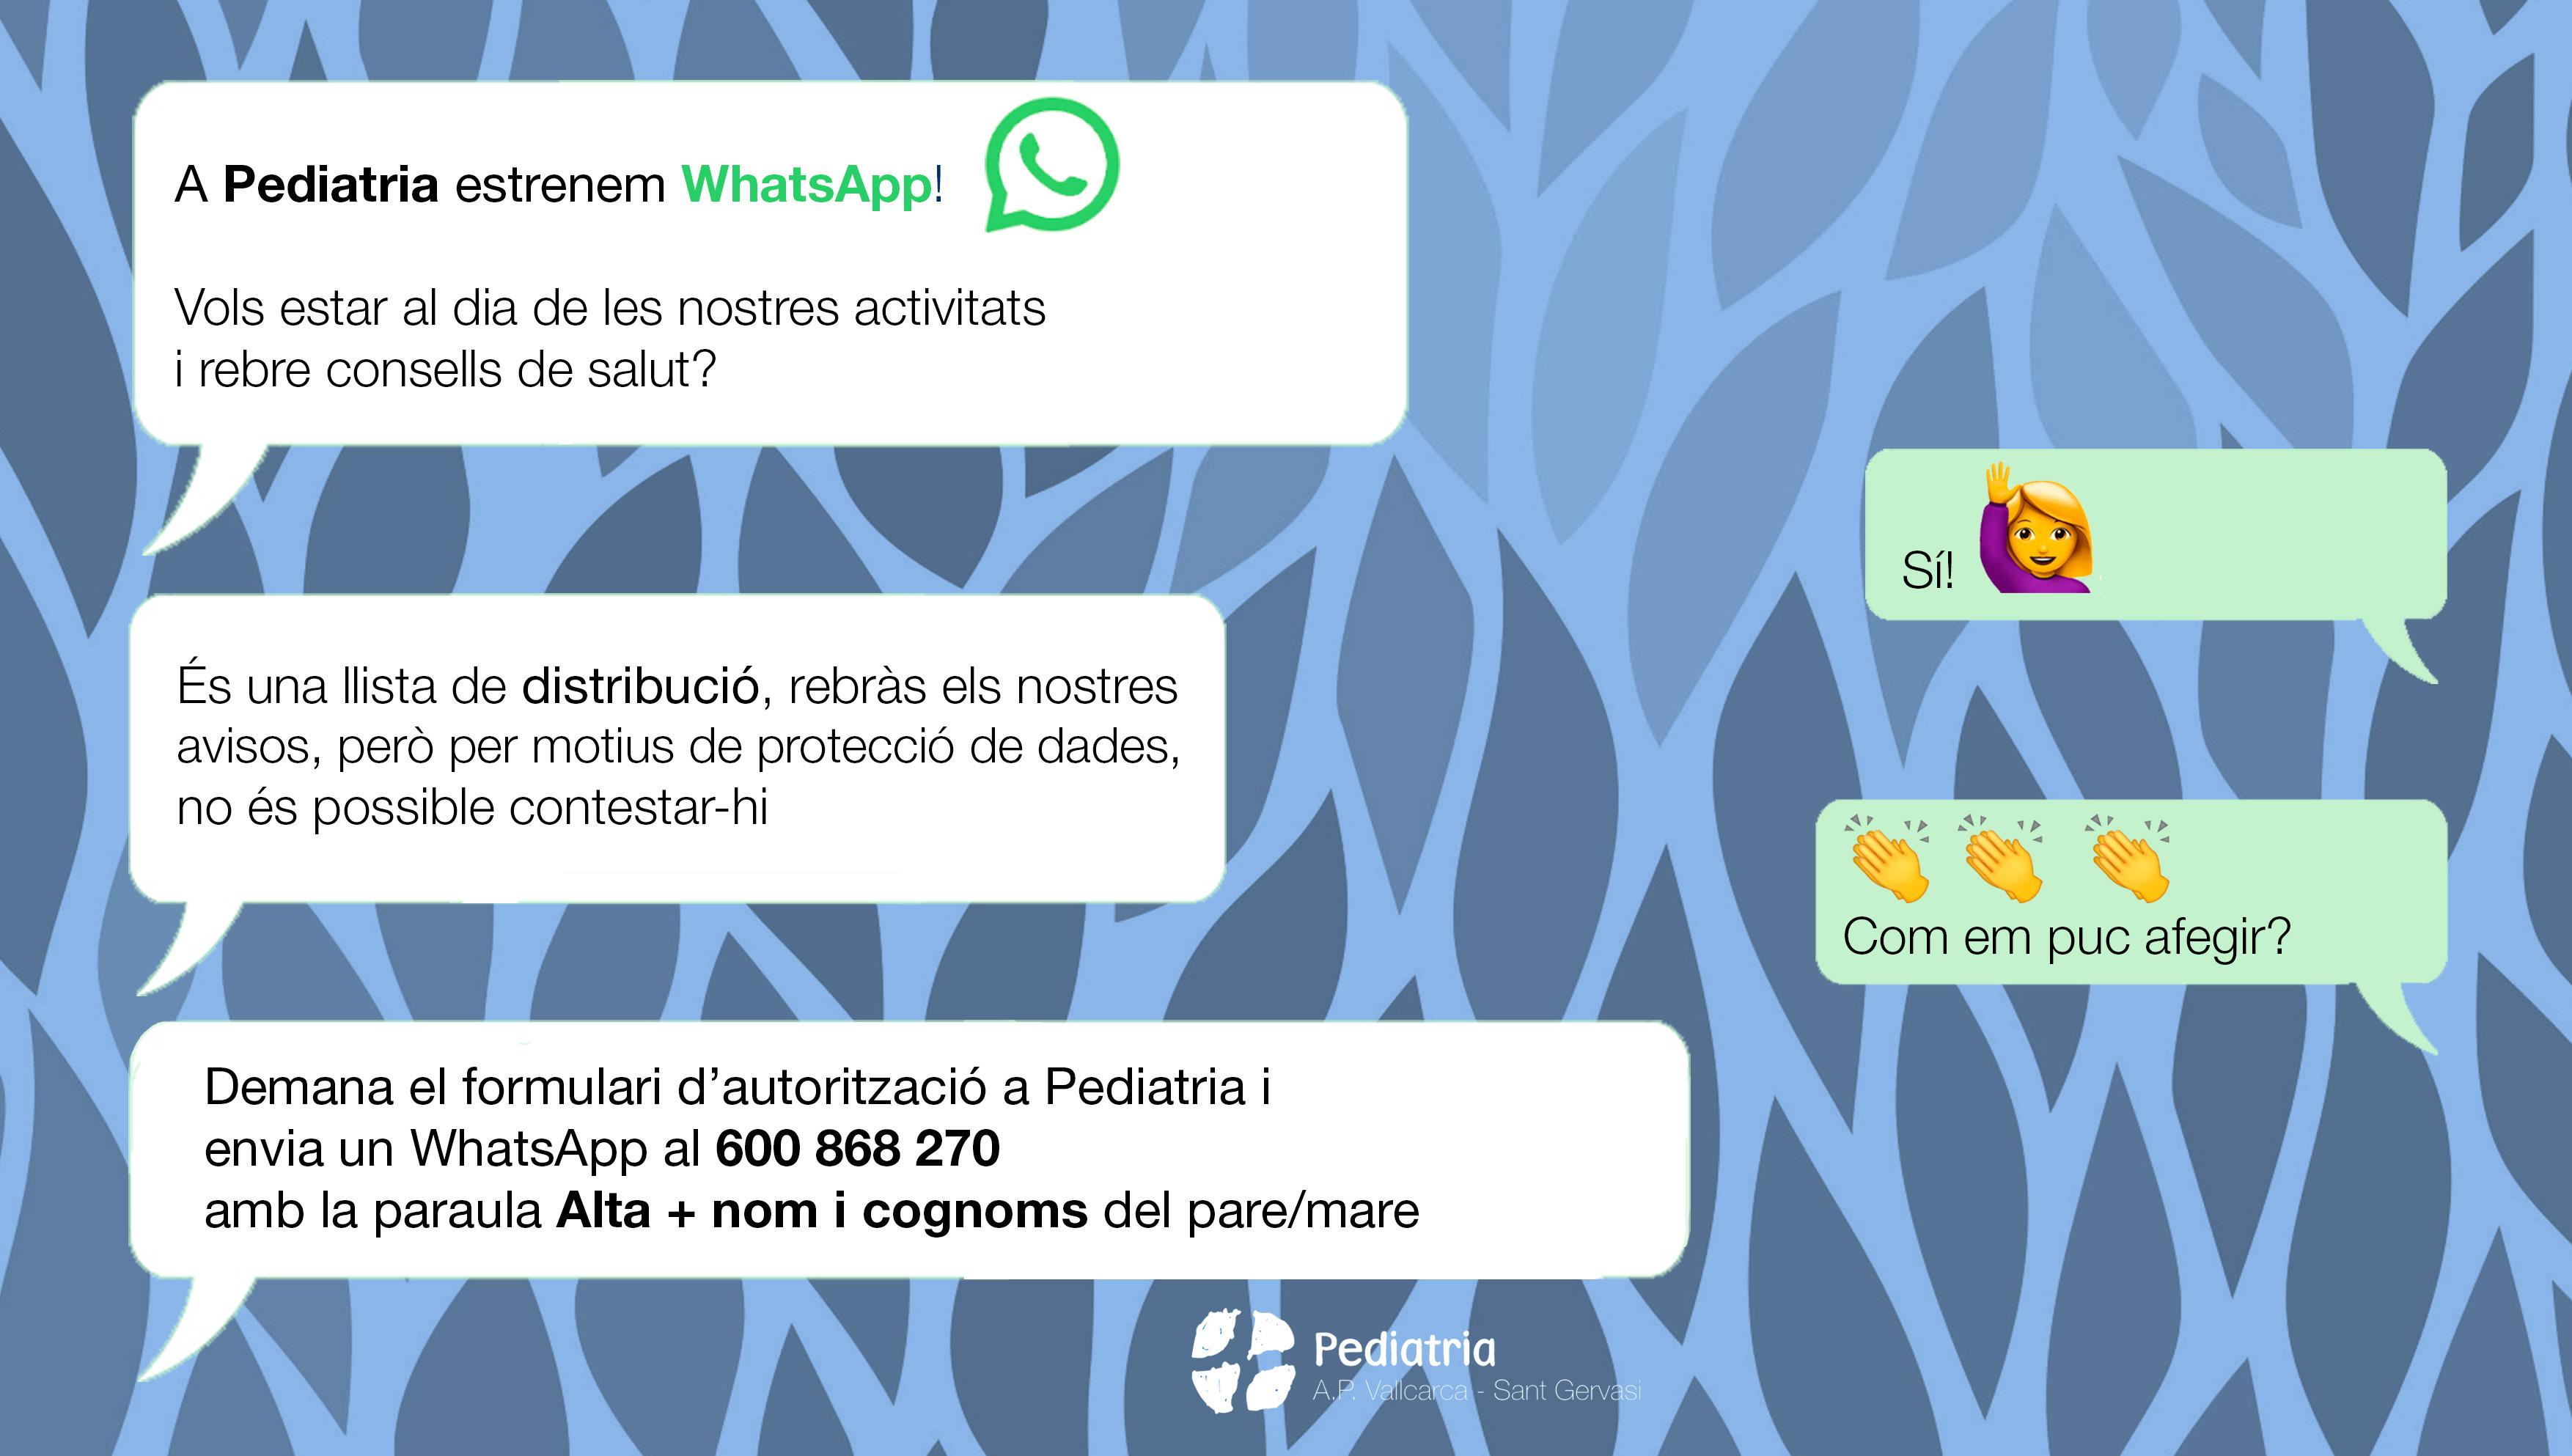 WhatsApp Pediatria - Atenció Primària Vallcarca-Sant Gervasi